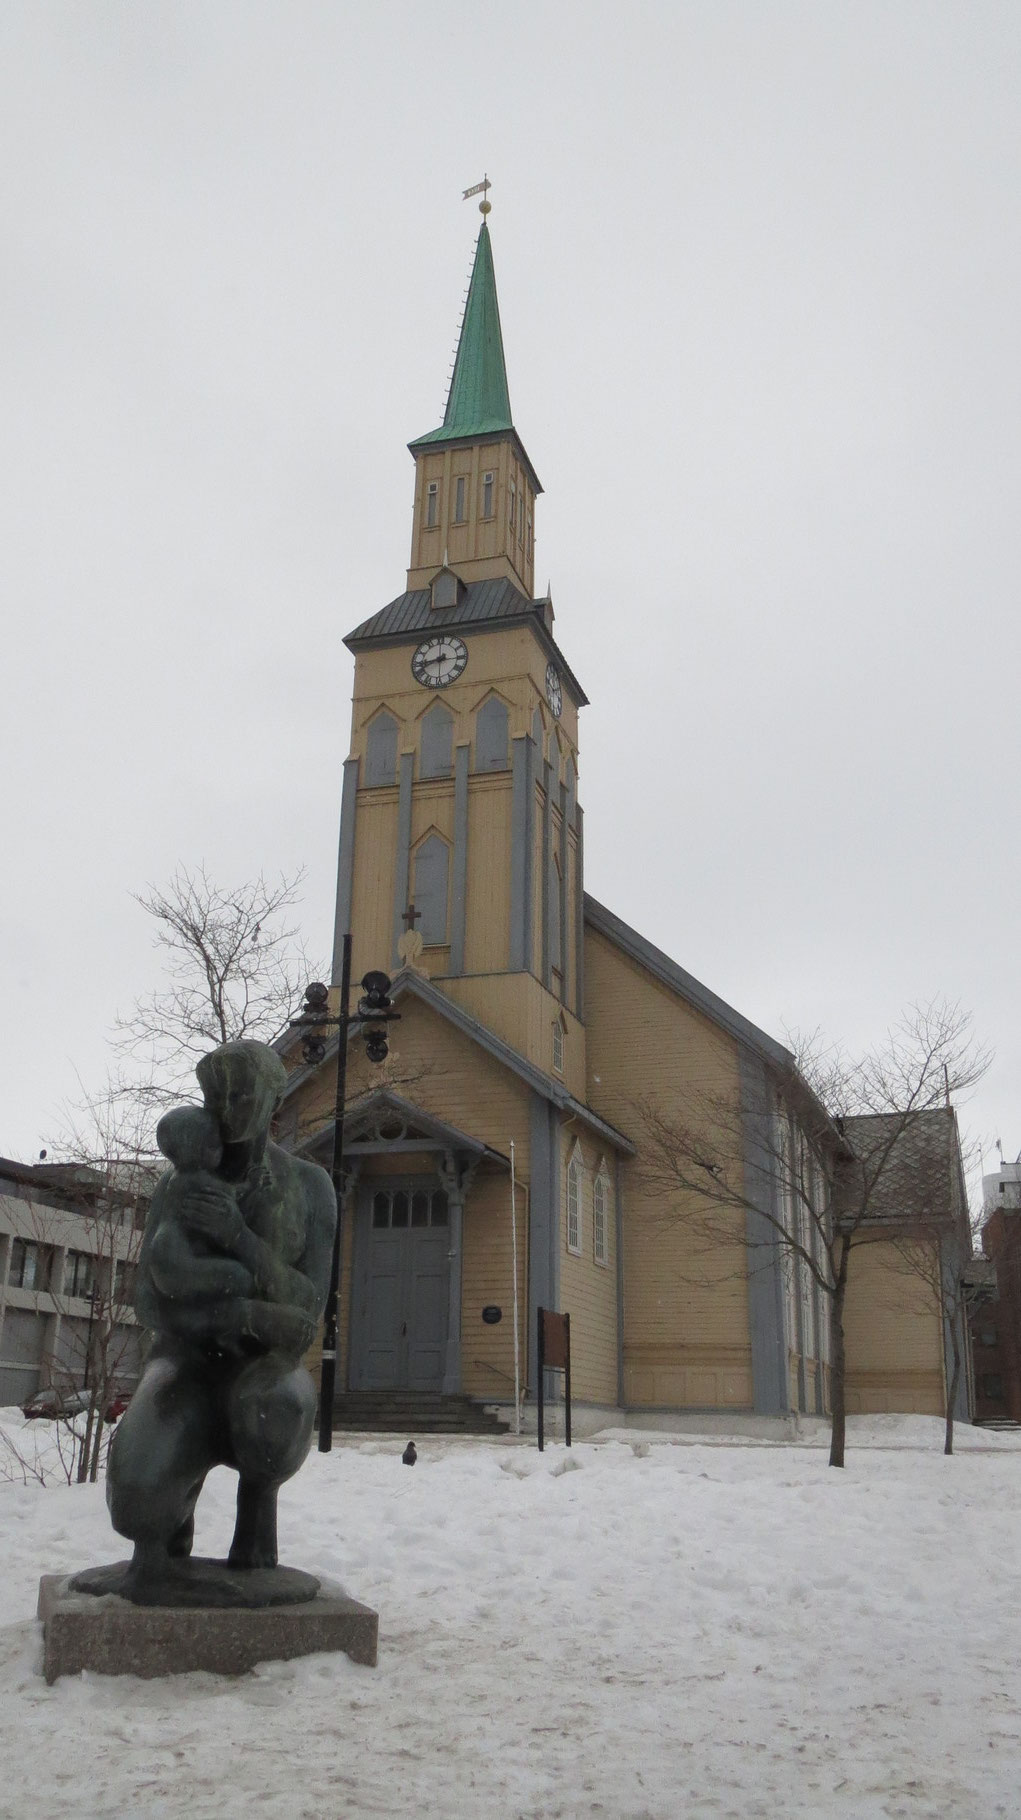 ... der obligatorischen alten Holzkirche (in der am Wochenende - wie könnte es anders sein - die Johannespassion aufgeführt wird) ...